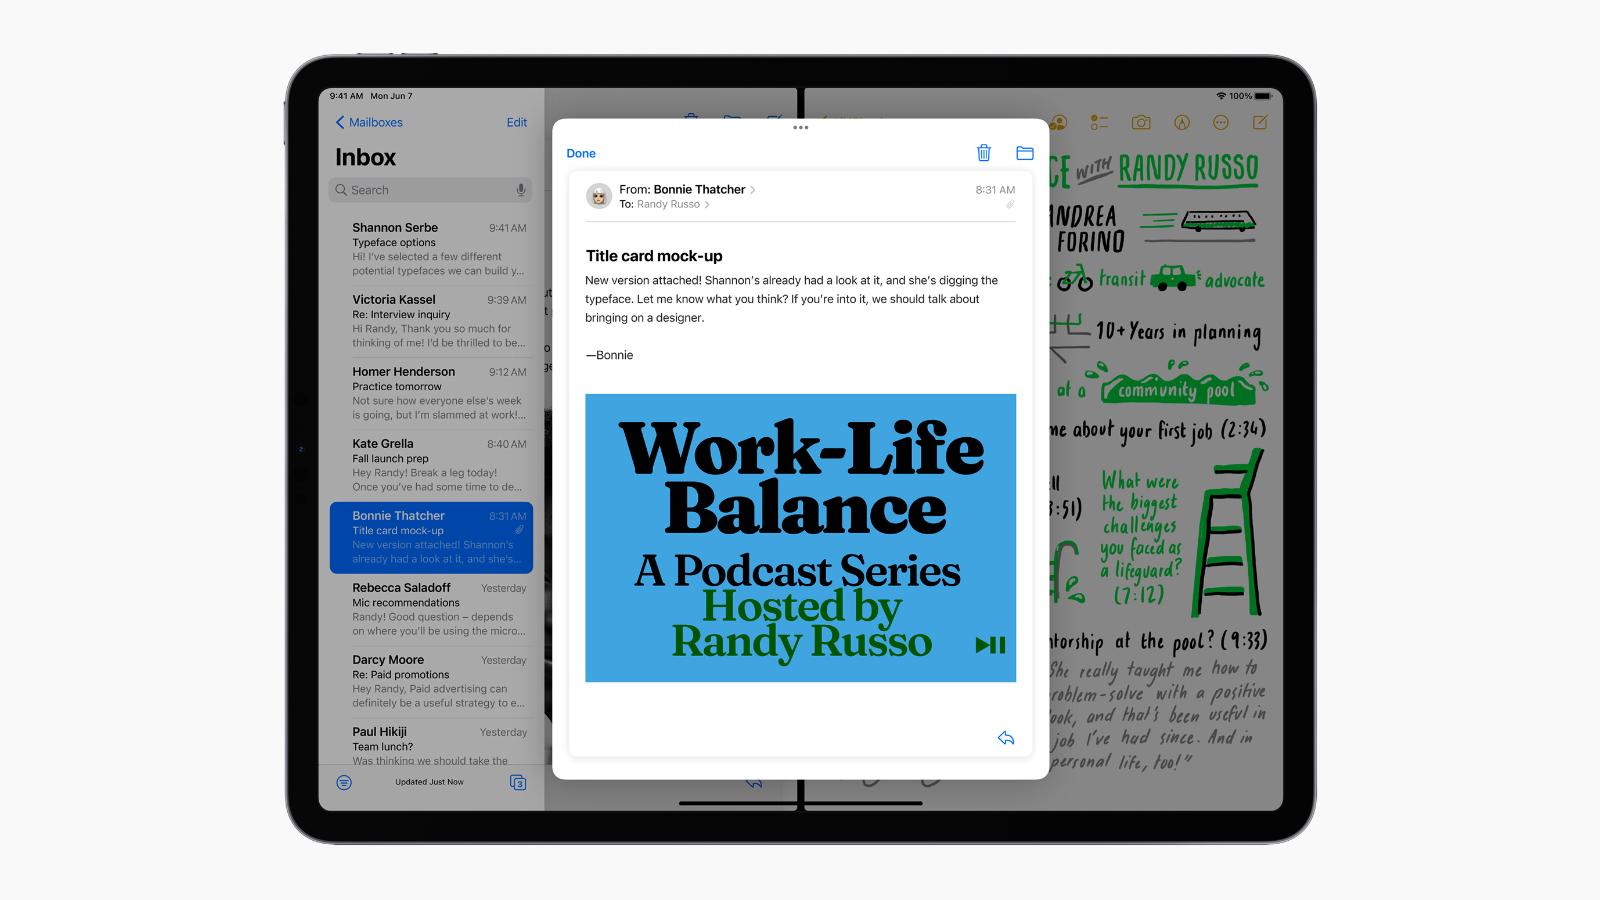 ipados 15 multitasking mail notes